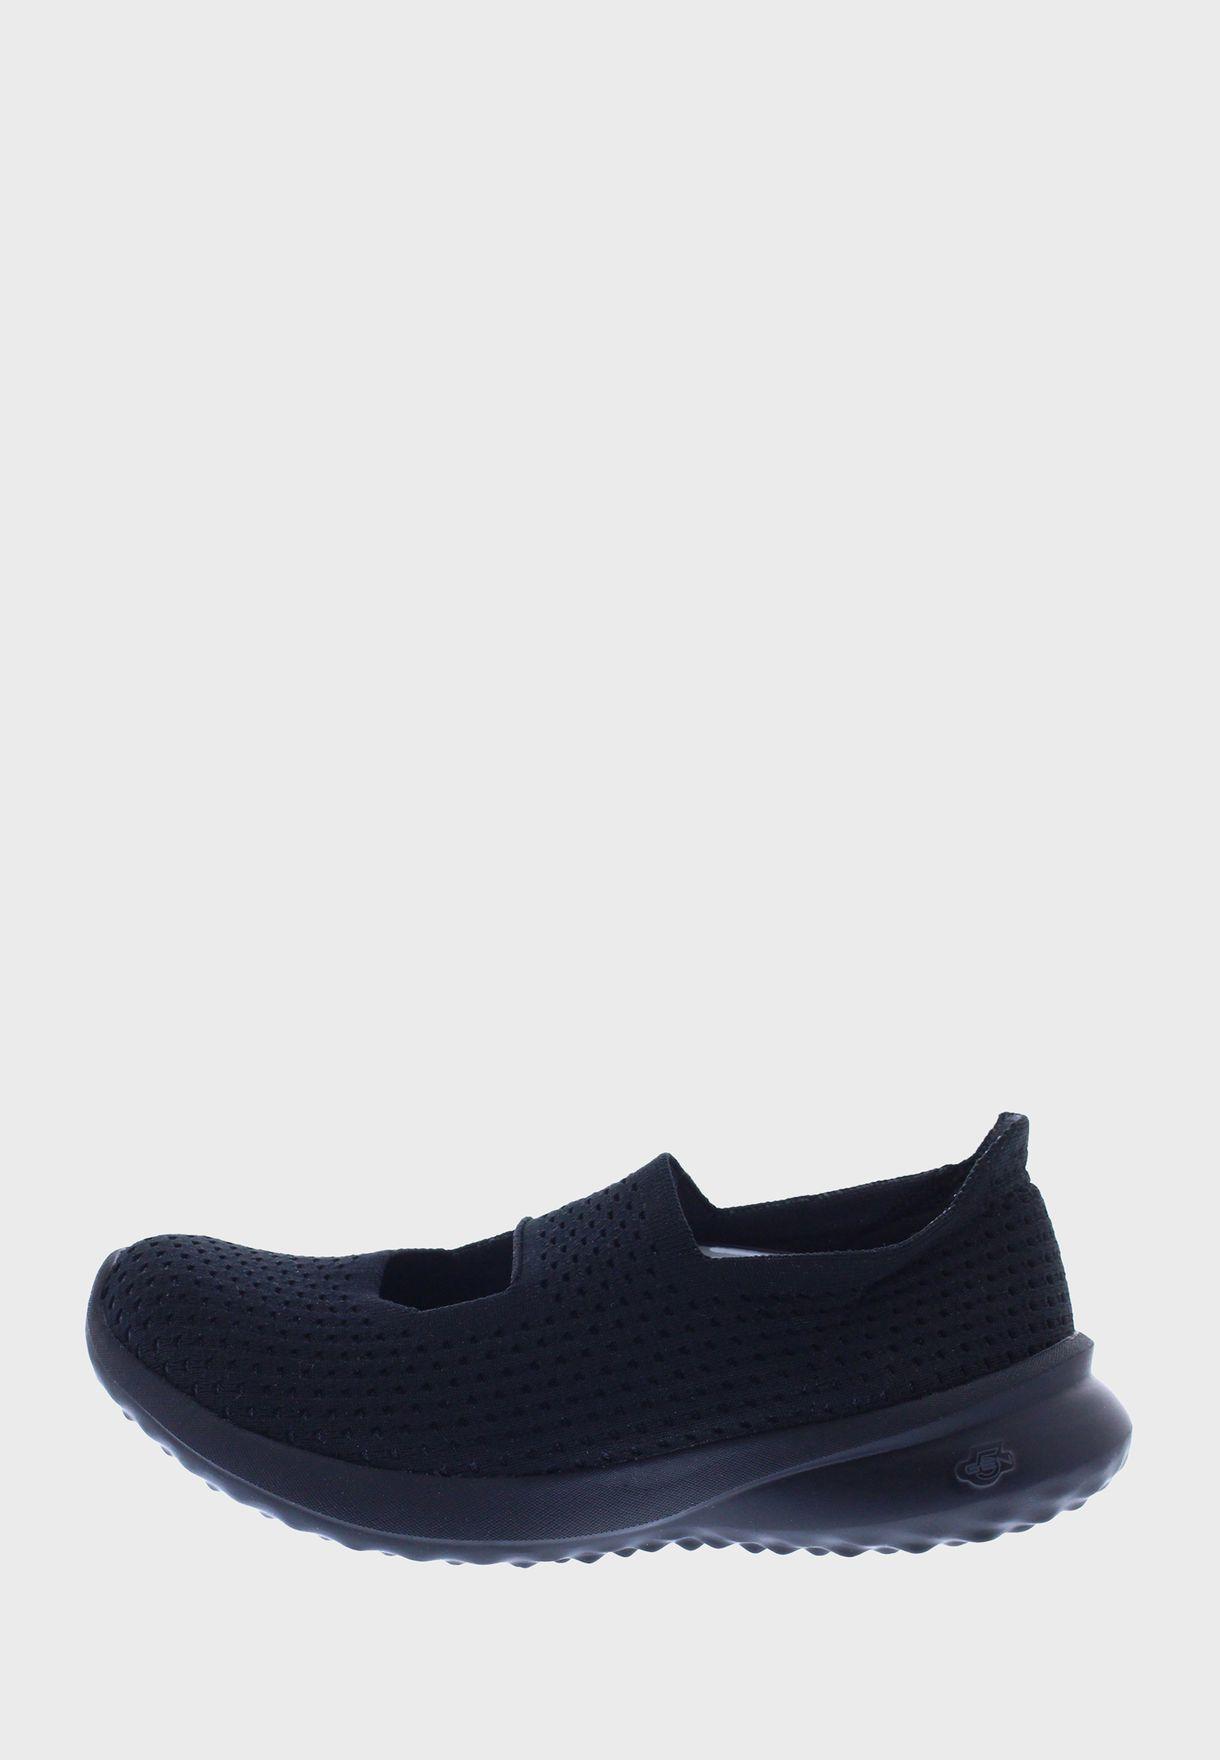 حذاء اون ذا جو سيتي 3.0 - ليفلي